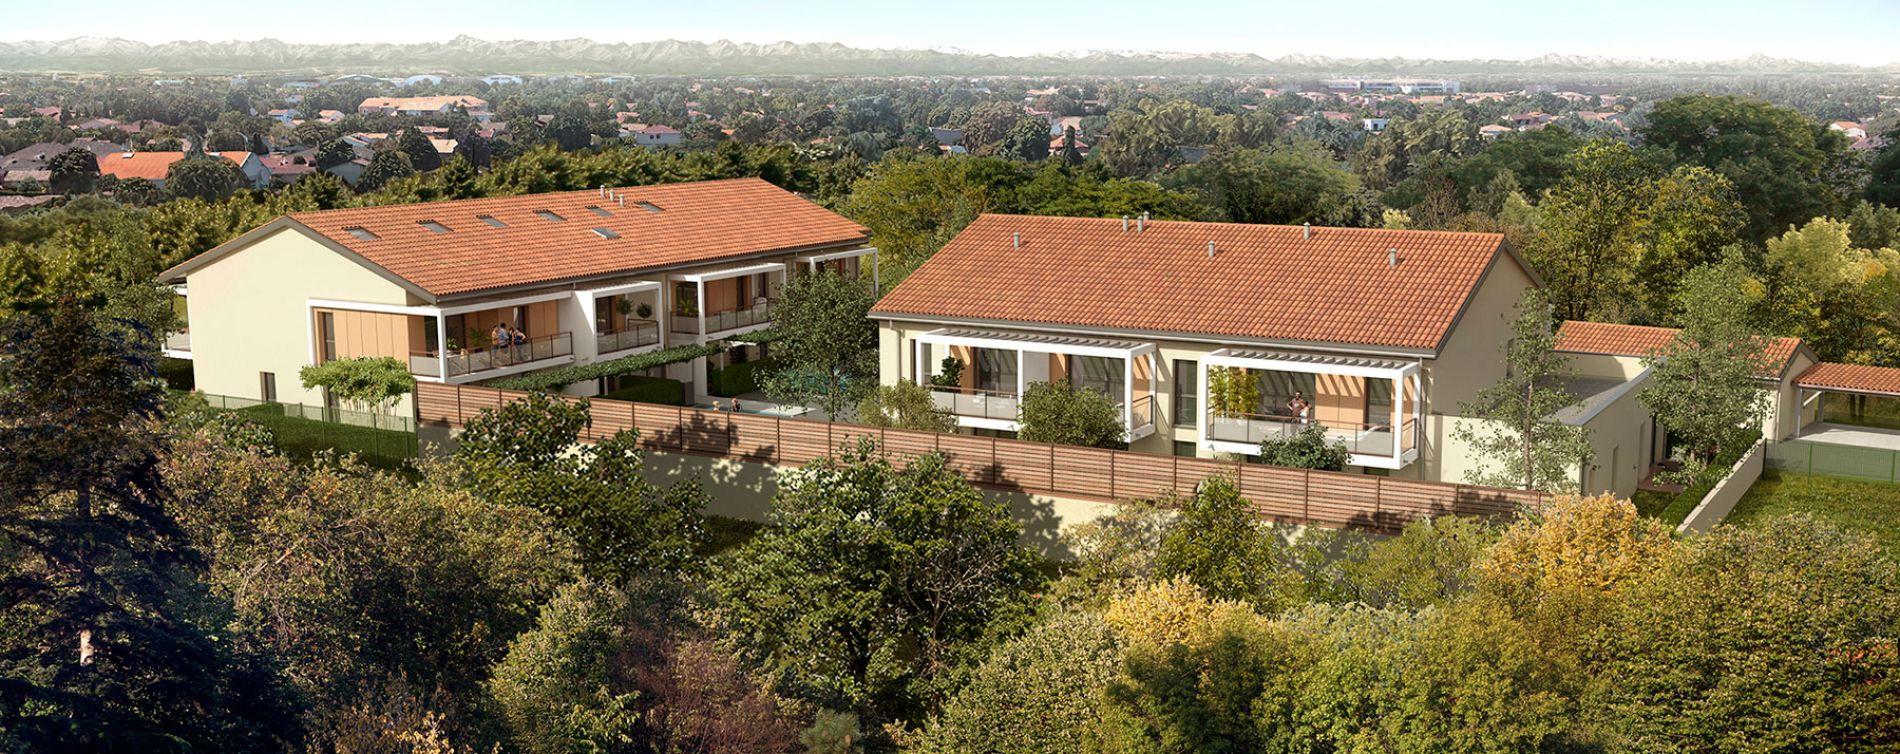 Toulouse : programme immobilier neuve « La Mauvaise Herbe » (3)